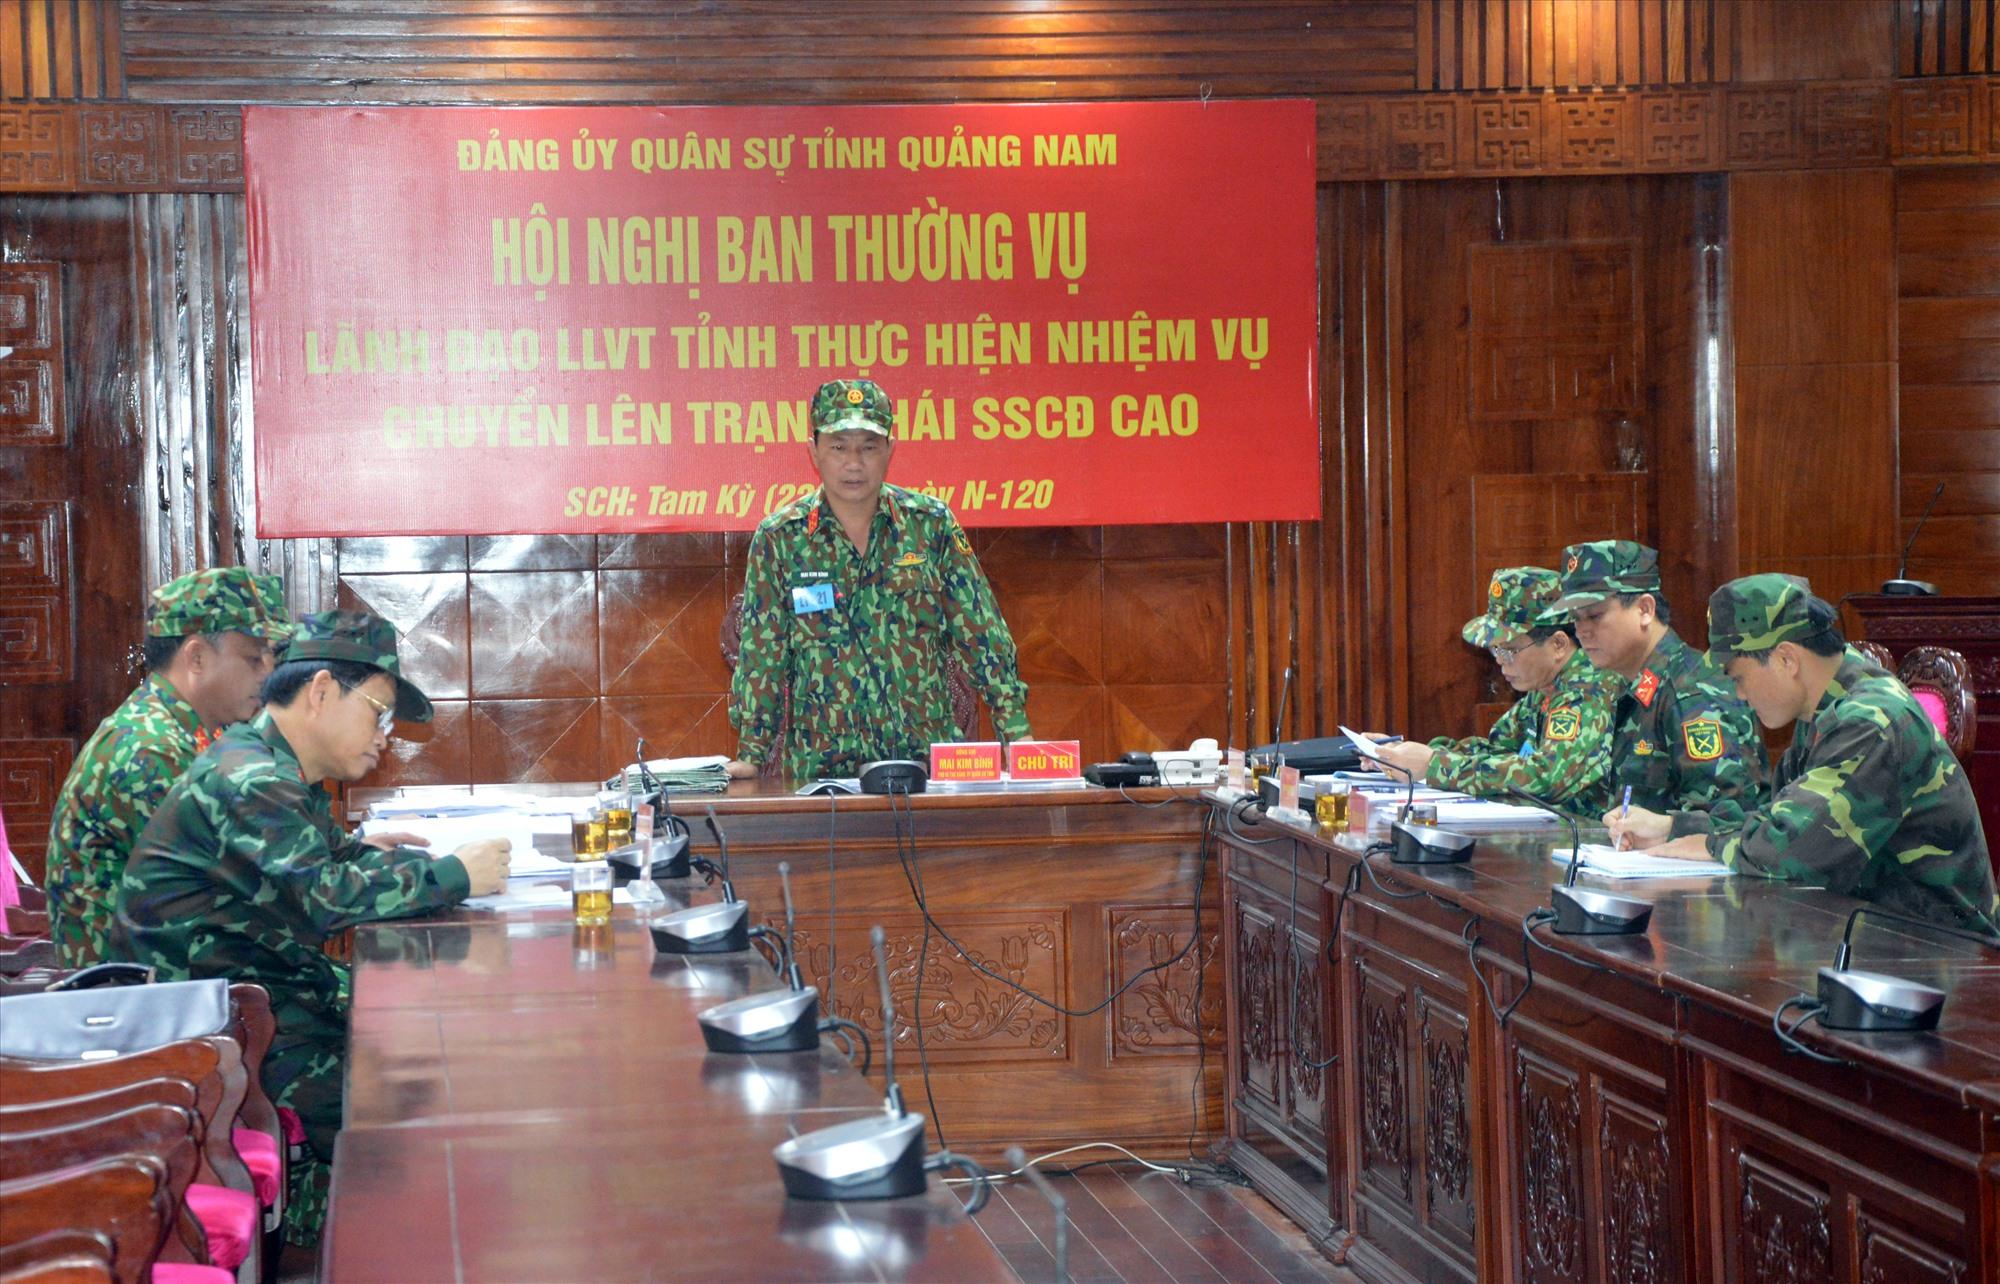 Bộ CHQS tỉnh luyện tập chuyển trạng thái sẵn sàng chiến đấu.